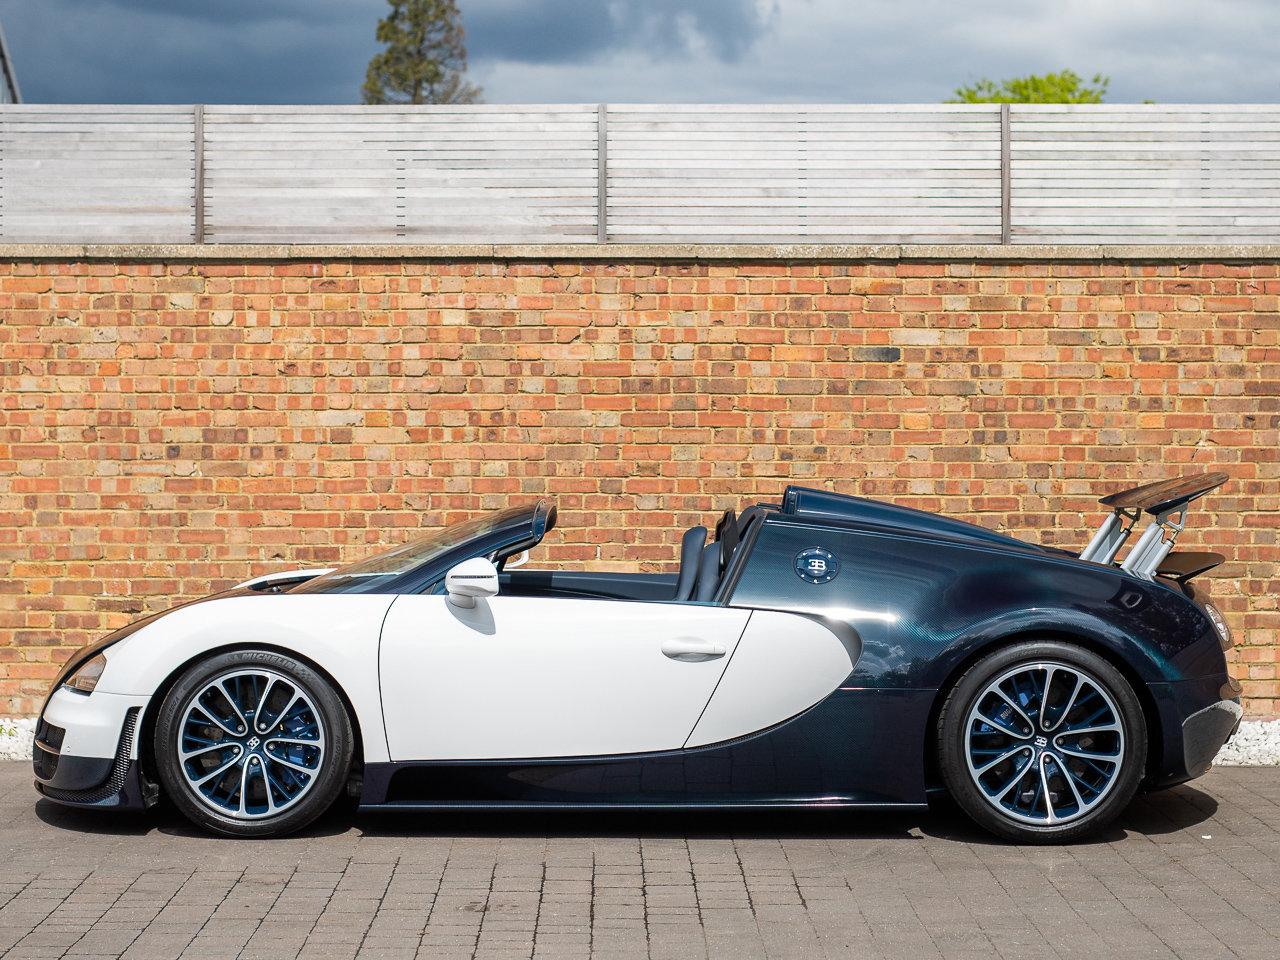 2014 Bugatti Veyron Grand Sport Vitesse For Sale (picture 2 of 6)